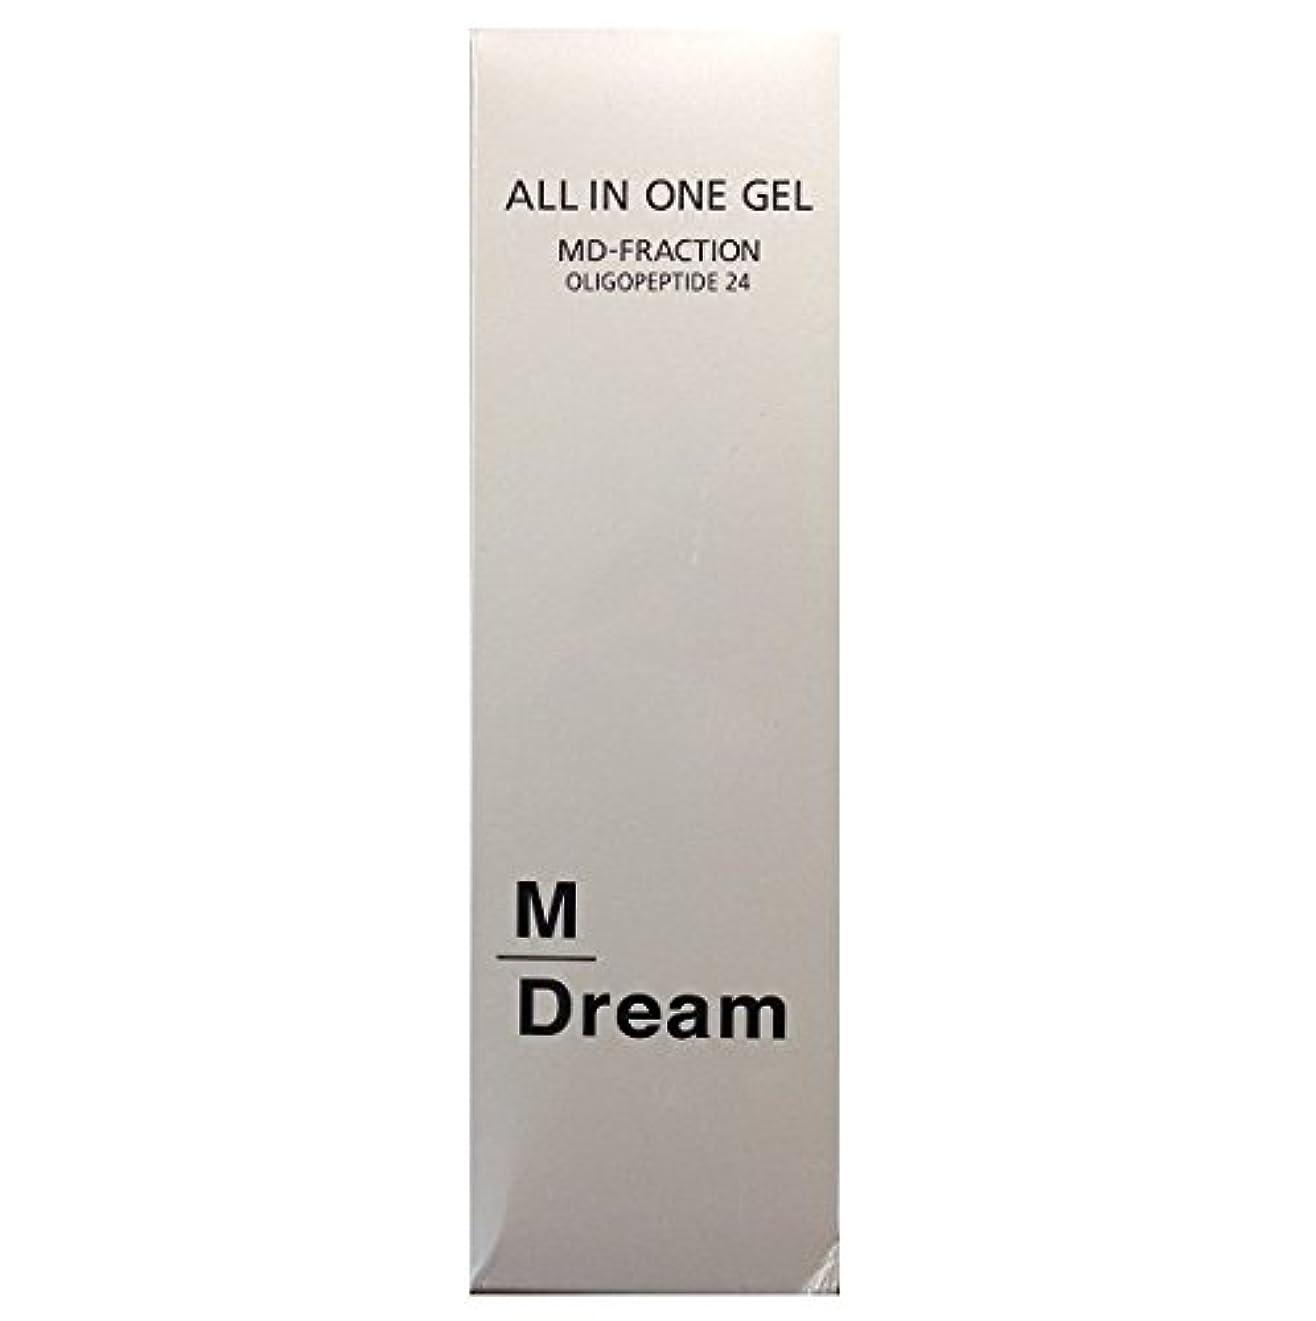 タクト安いです静的エムスリー MDオールインワンジェル M Dream